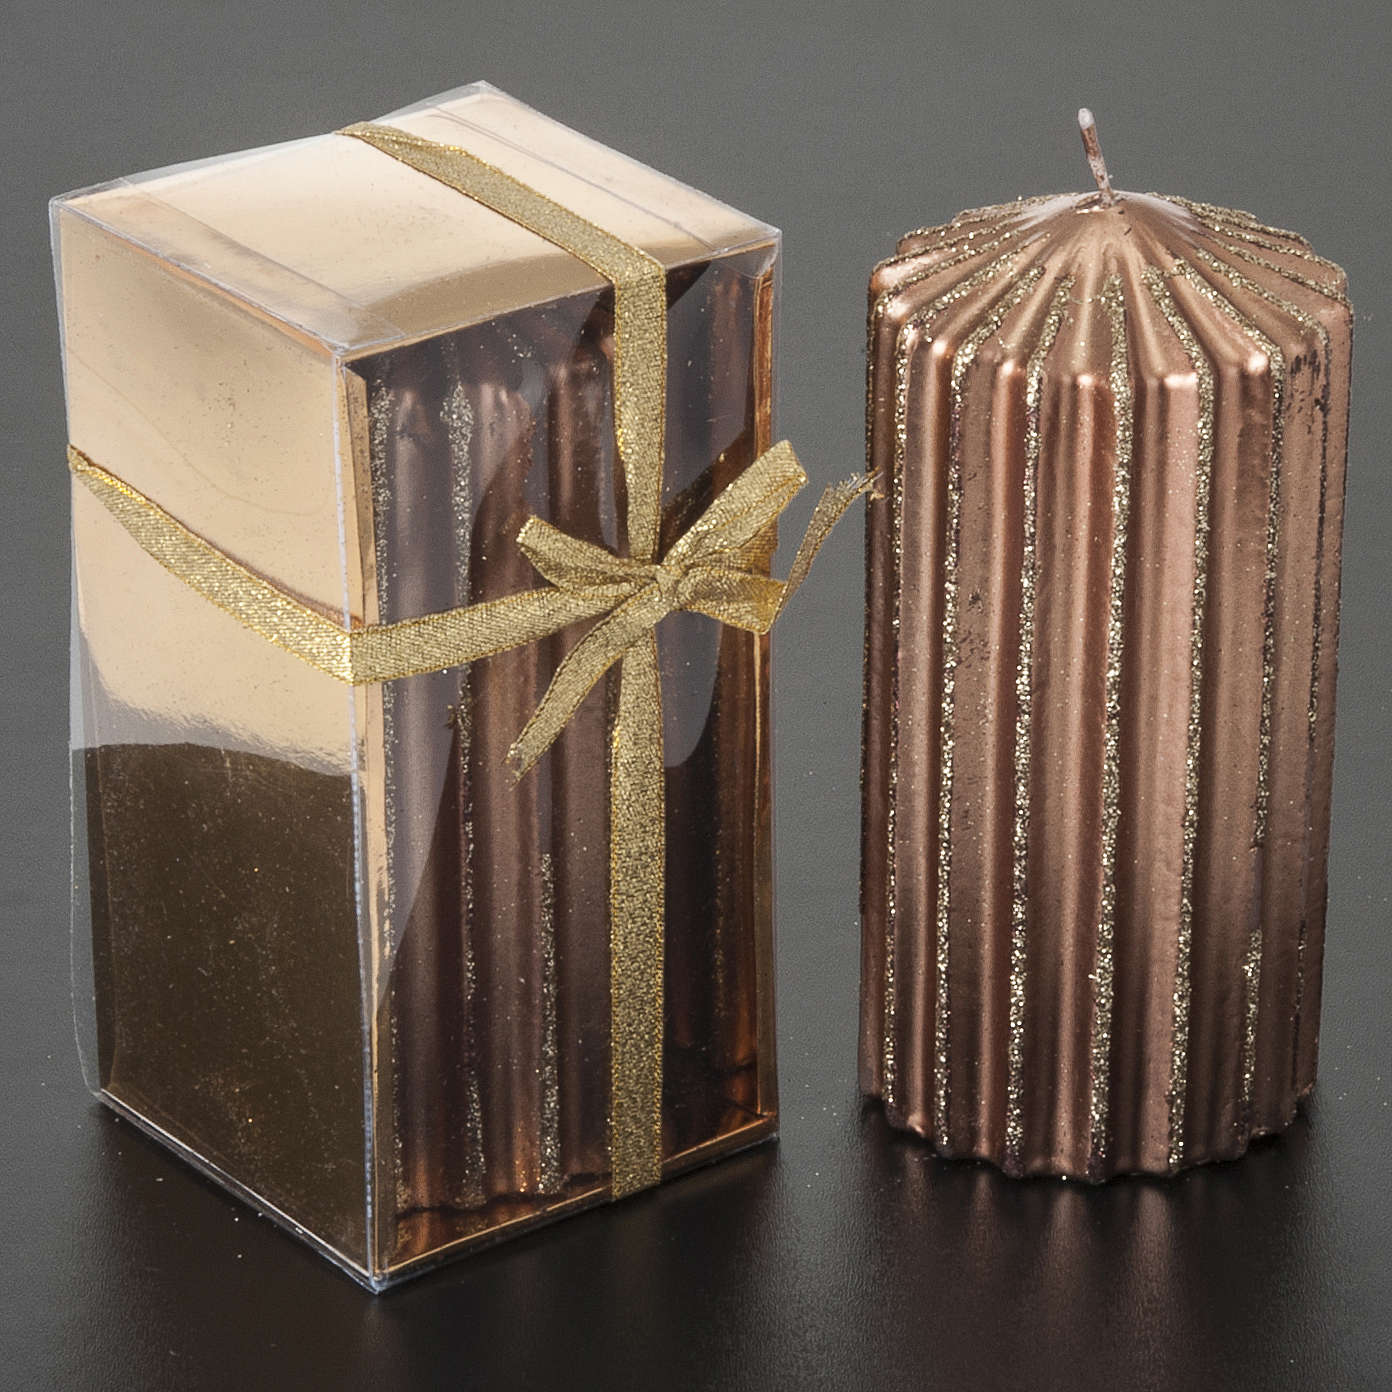 Bougie de Noël rayée couleur bronze 3